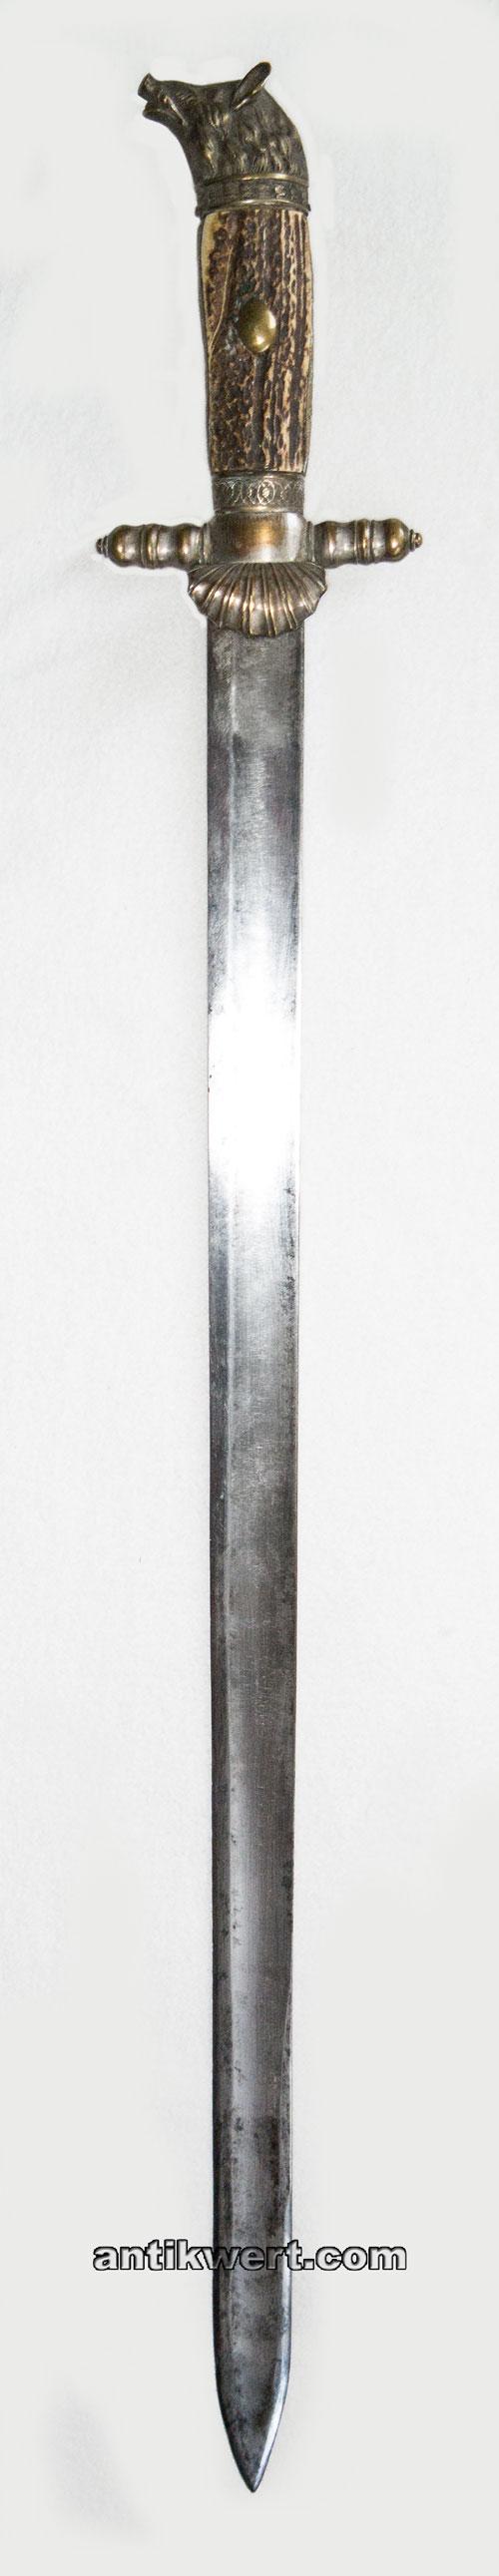 jagd-schwert-776 mit eber-kopf-knauf